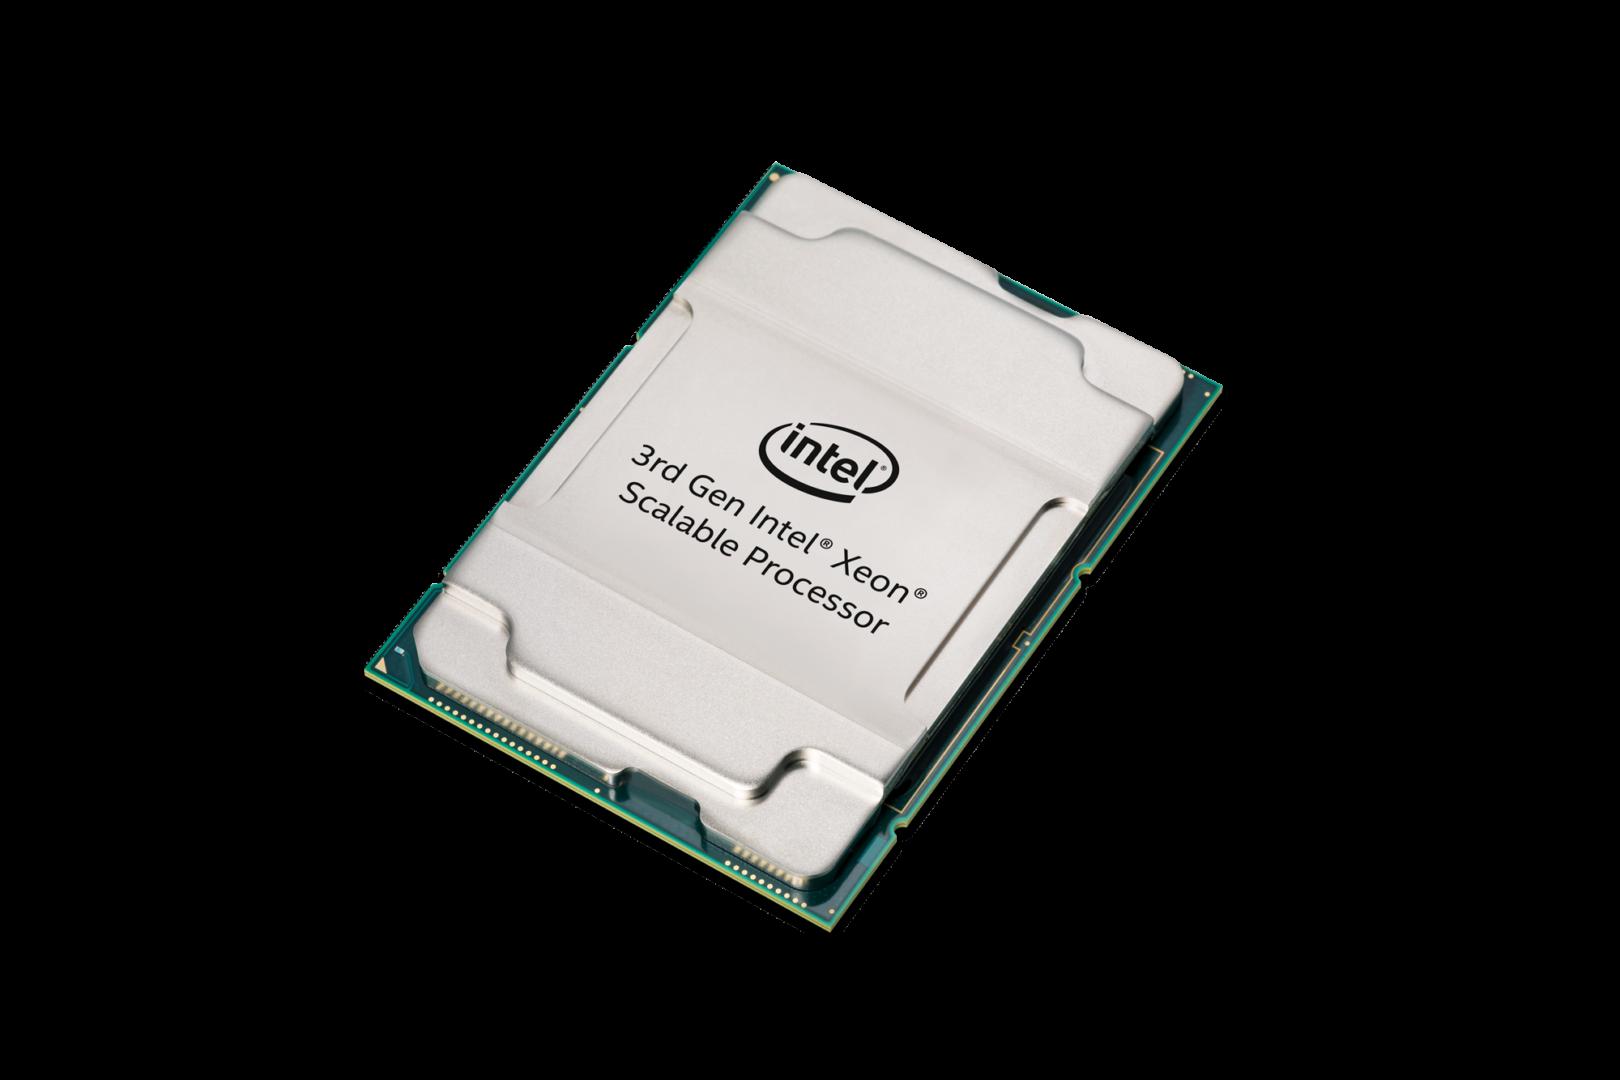 Intel presentó la 3ra Generación de procesadores escalables Intel Xeon: para qué sirve y qué características tiene